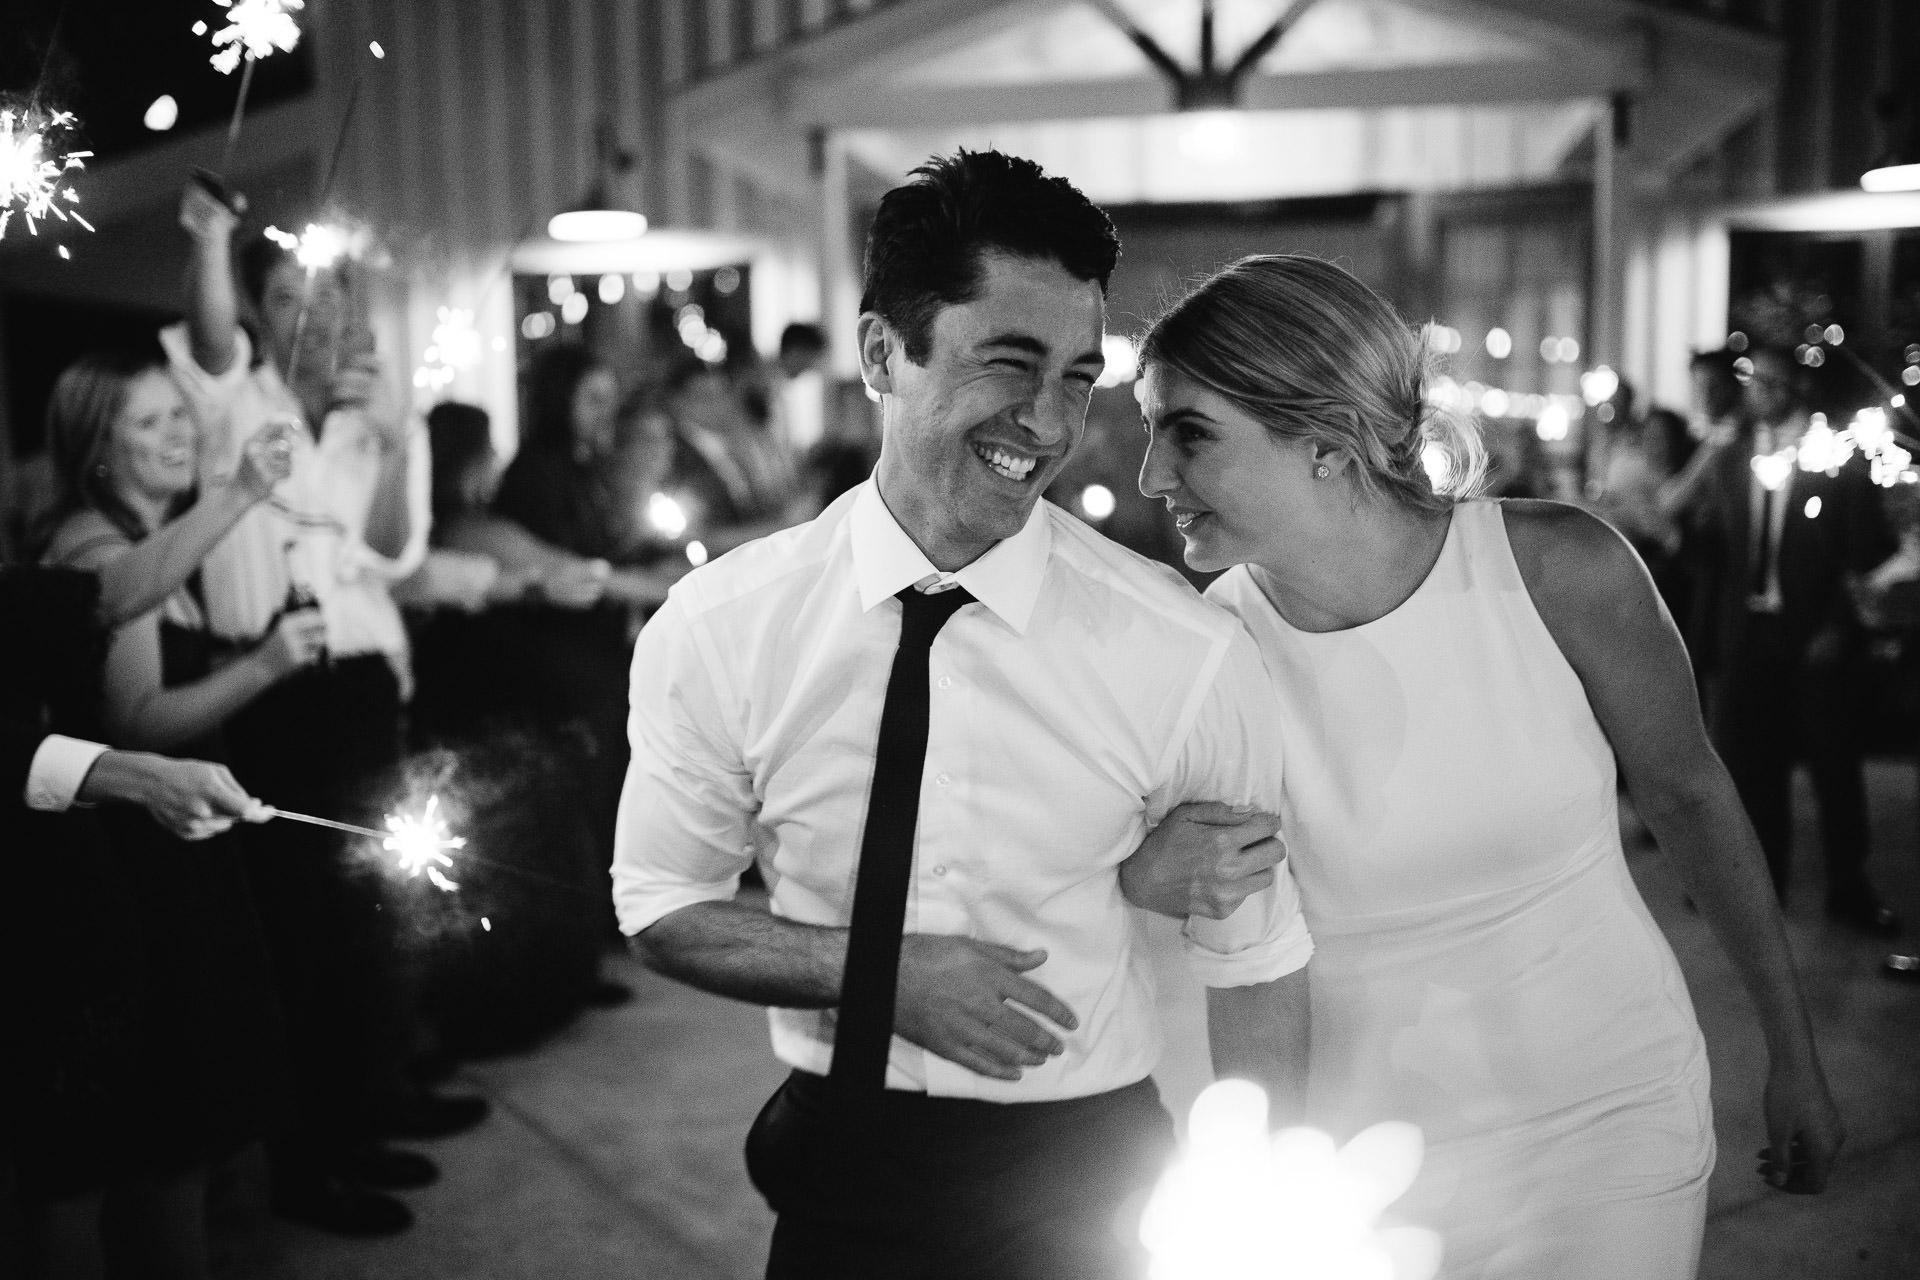 lauren_graham_wedding_california_park_winters_jeanlaurentgaudy_104